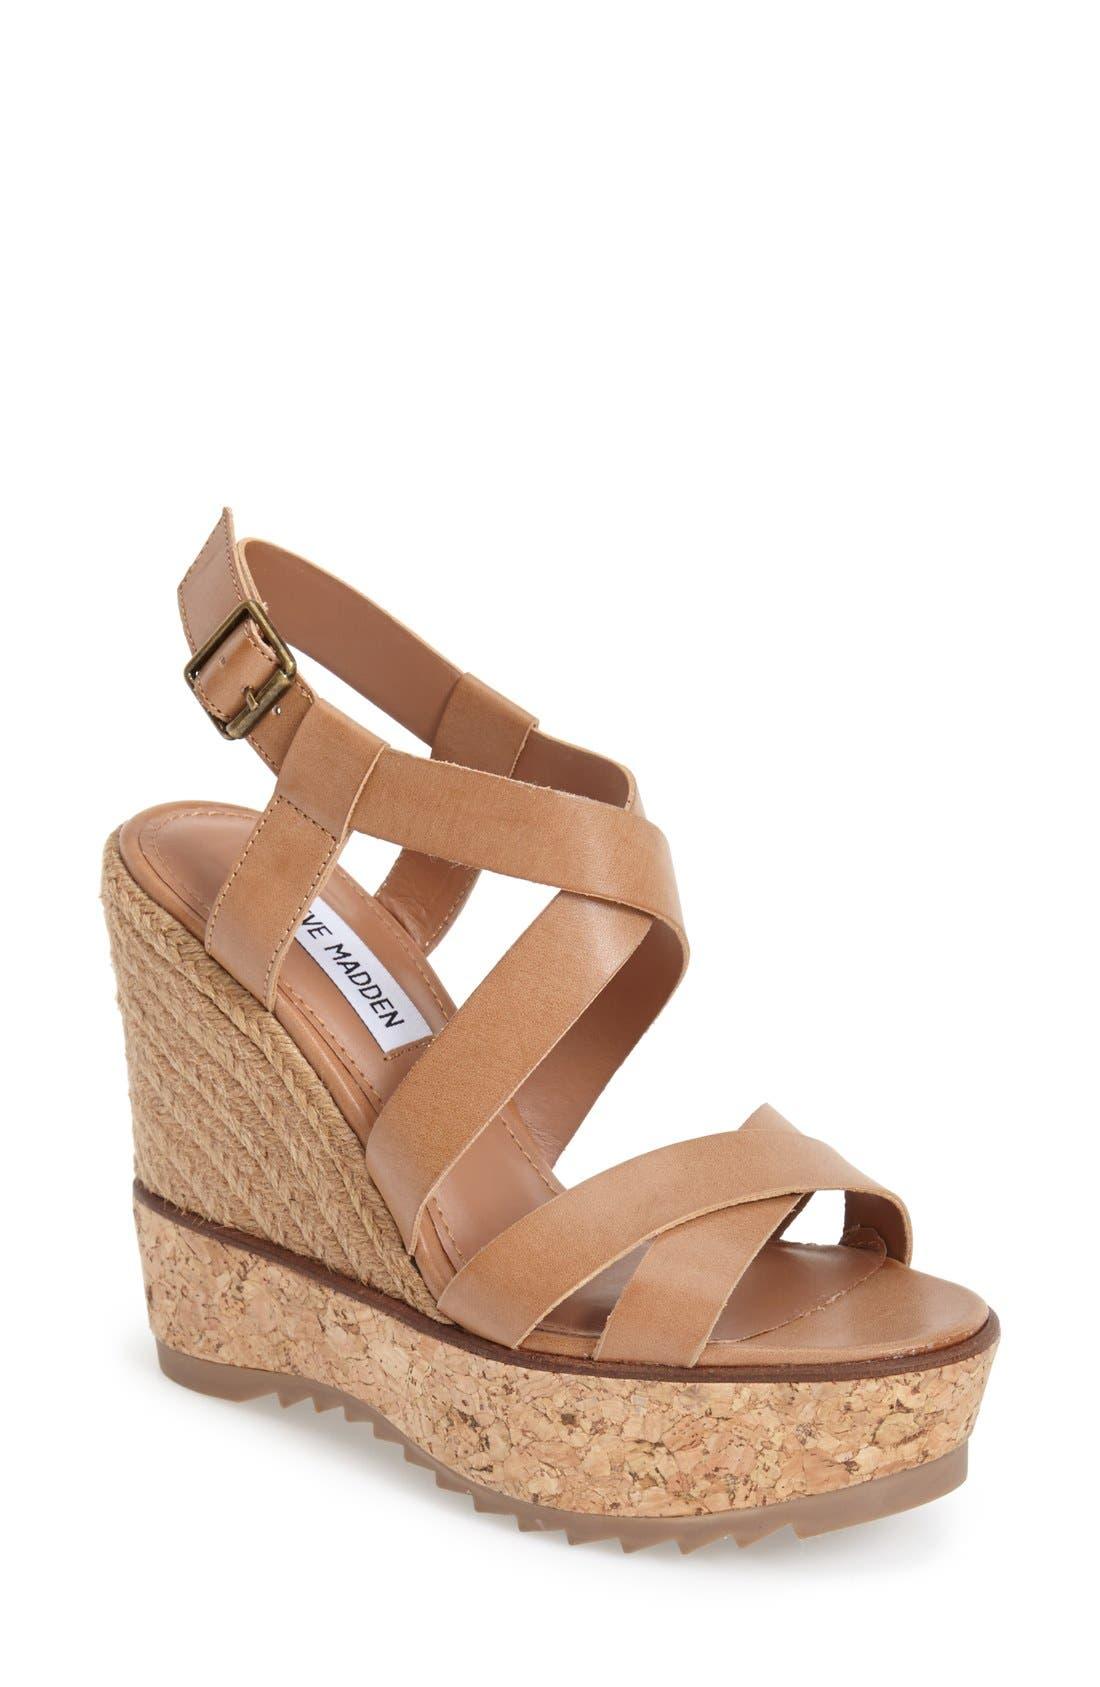 Alternate Image 1 Selected - Steve Madden 'Elllaa' Strappy Wedge Sandal (Women)